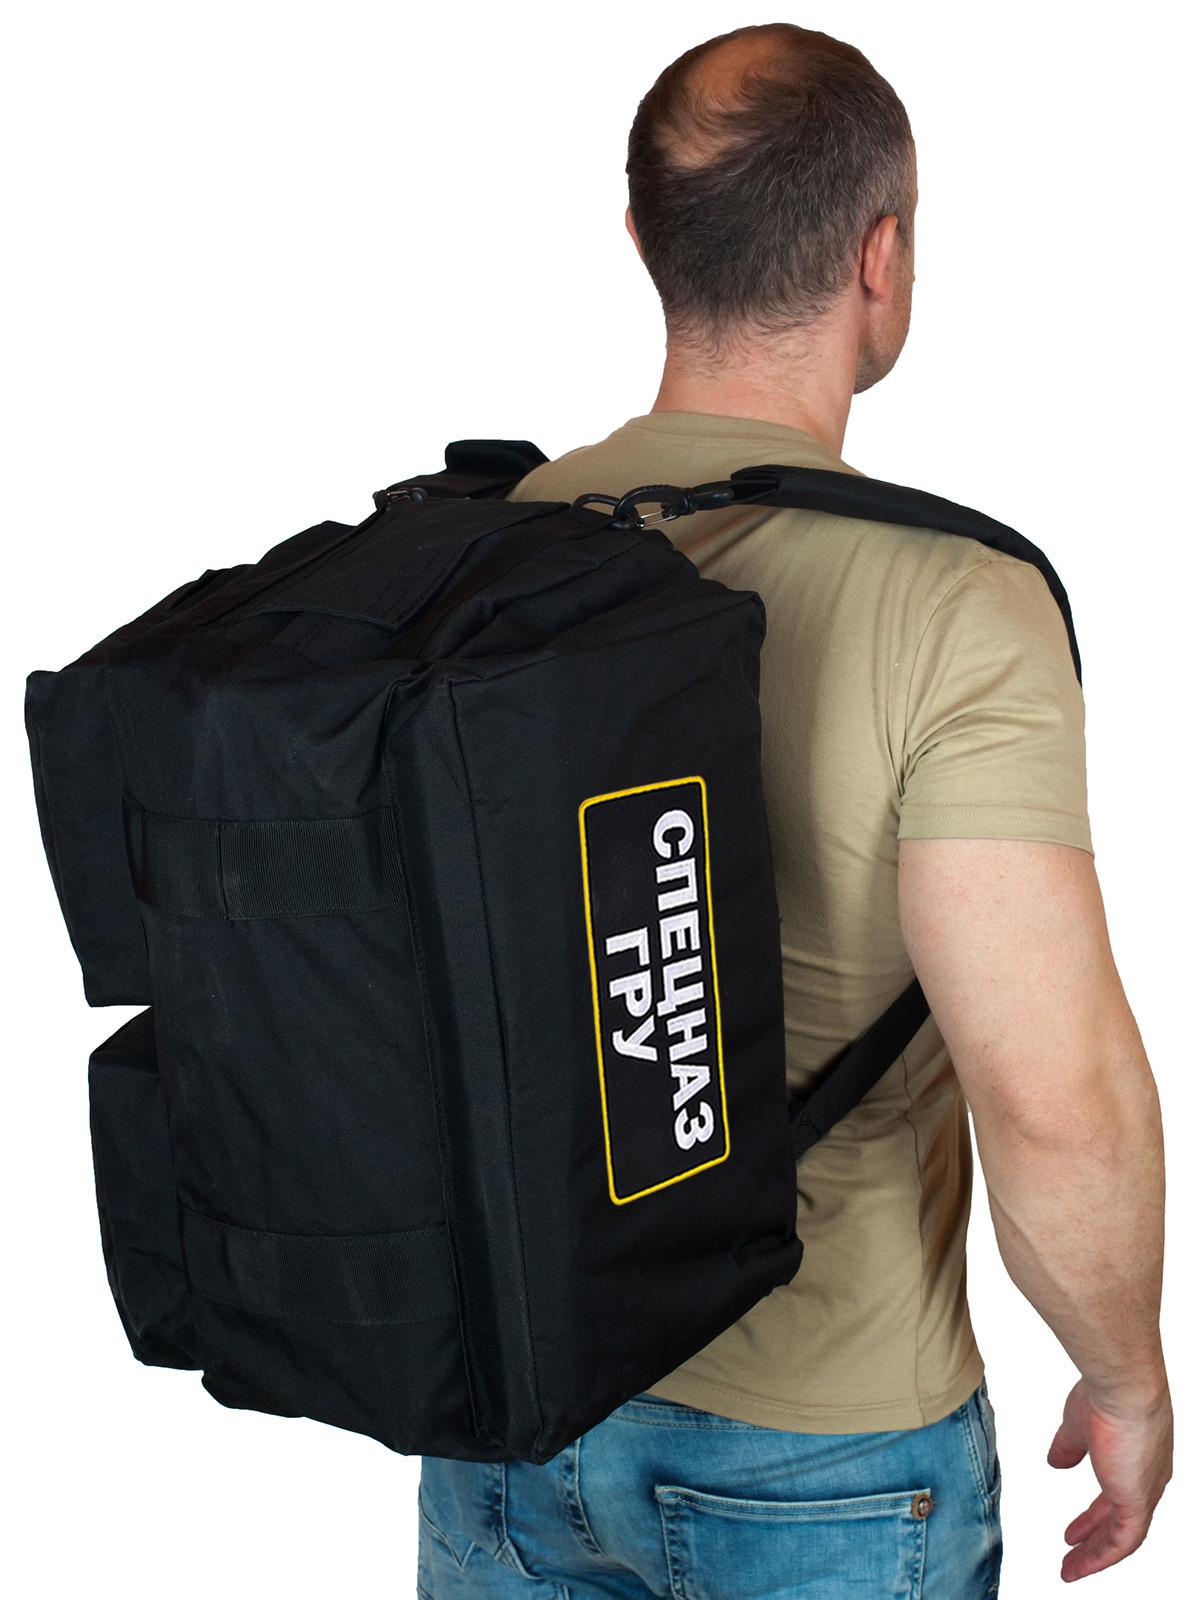 Тактическое снаряжение ГРУ: от сумок, до чего угодно! Всё в наличии